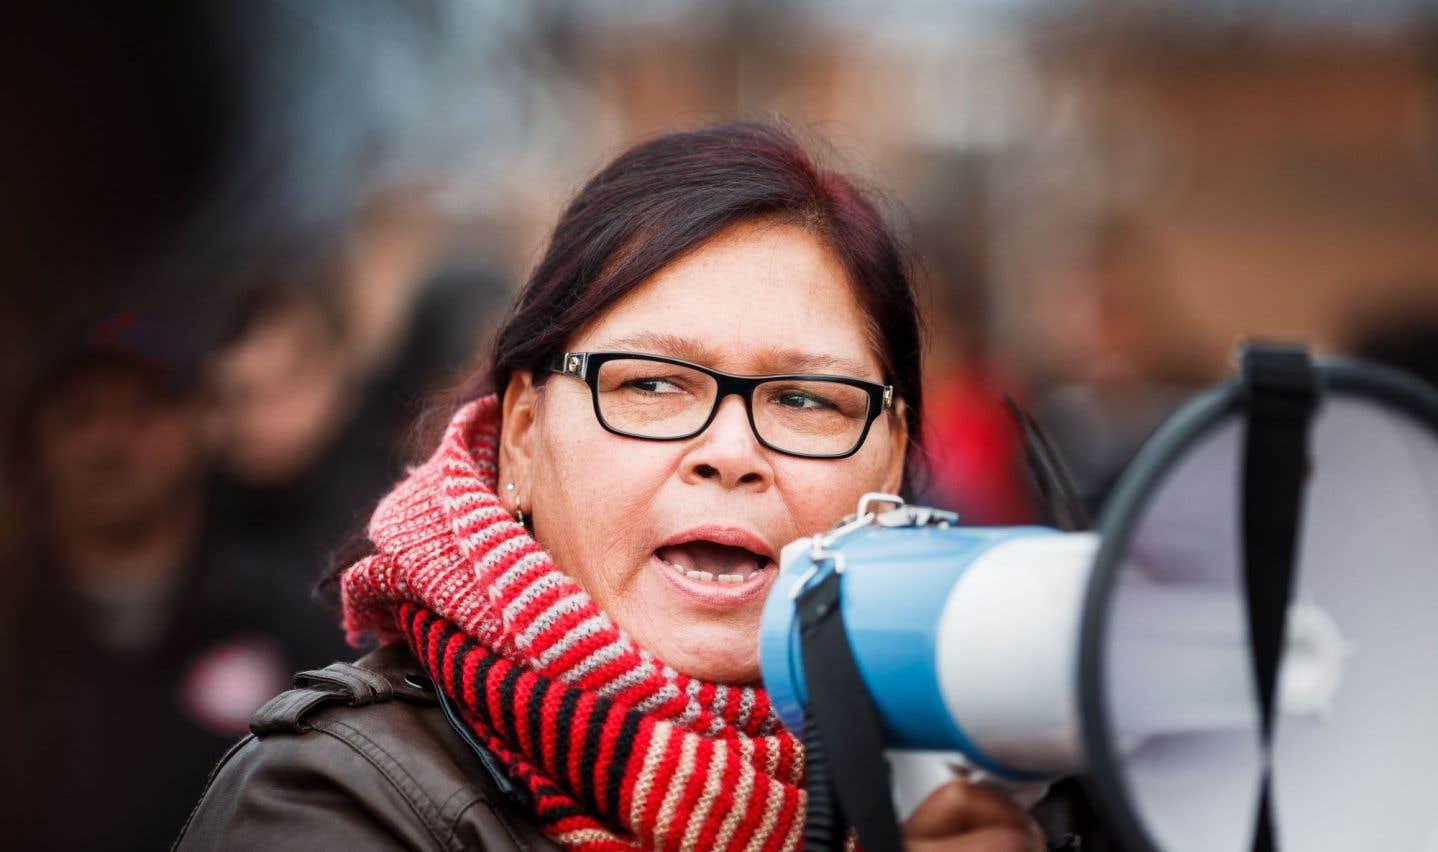 L'AFAC veut un «leadership autochtone robuste»